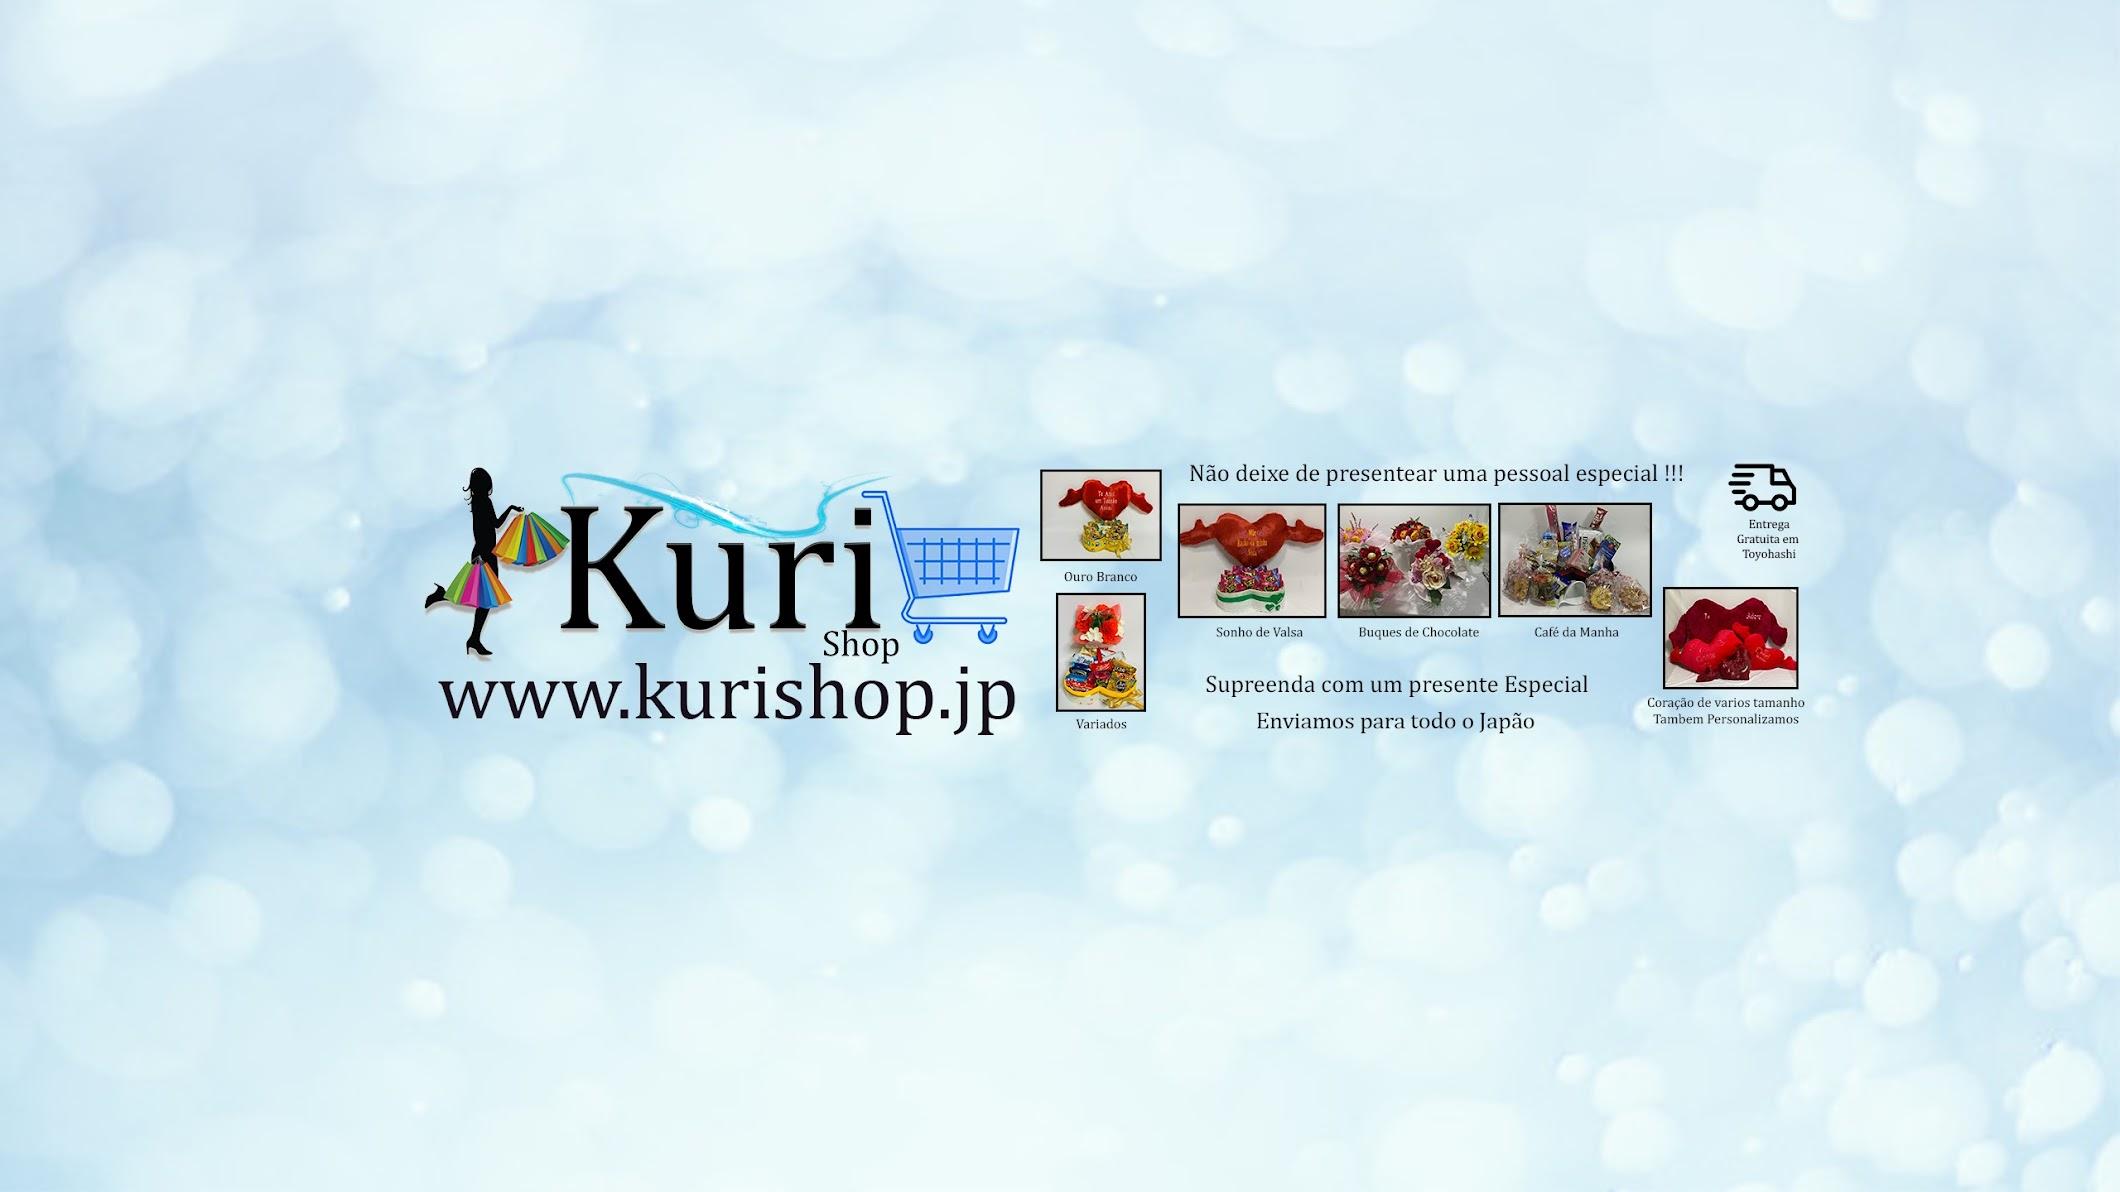 Kurishop Japão